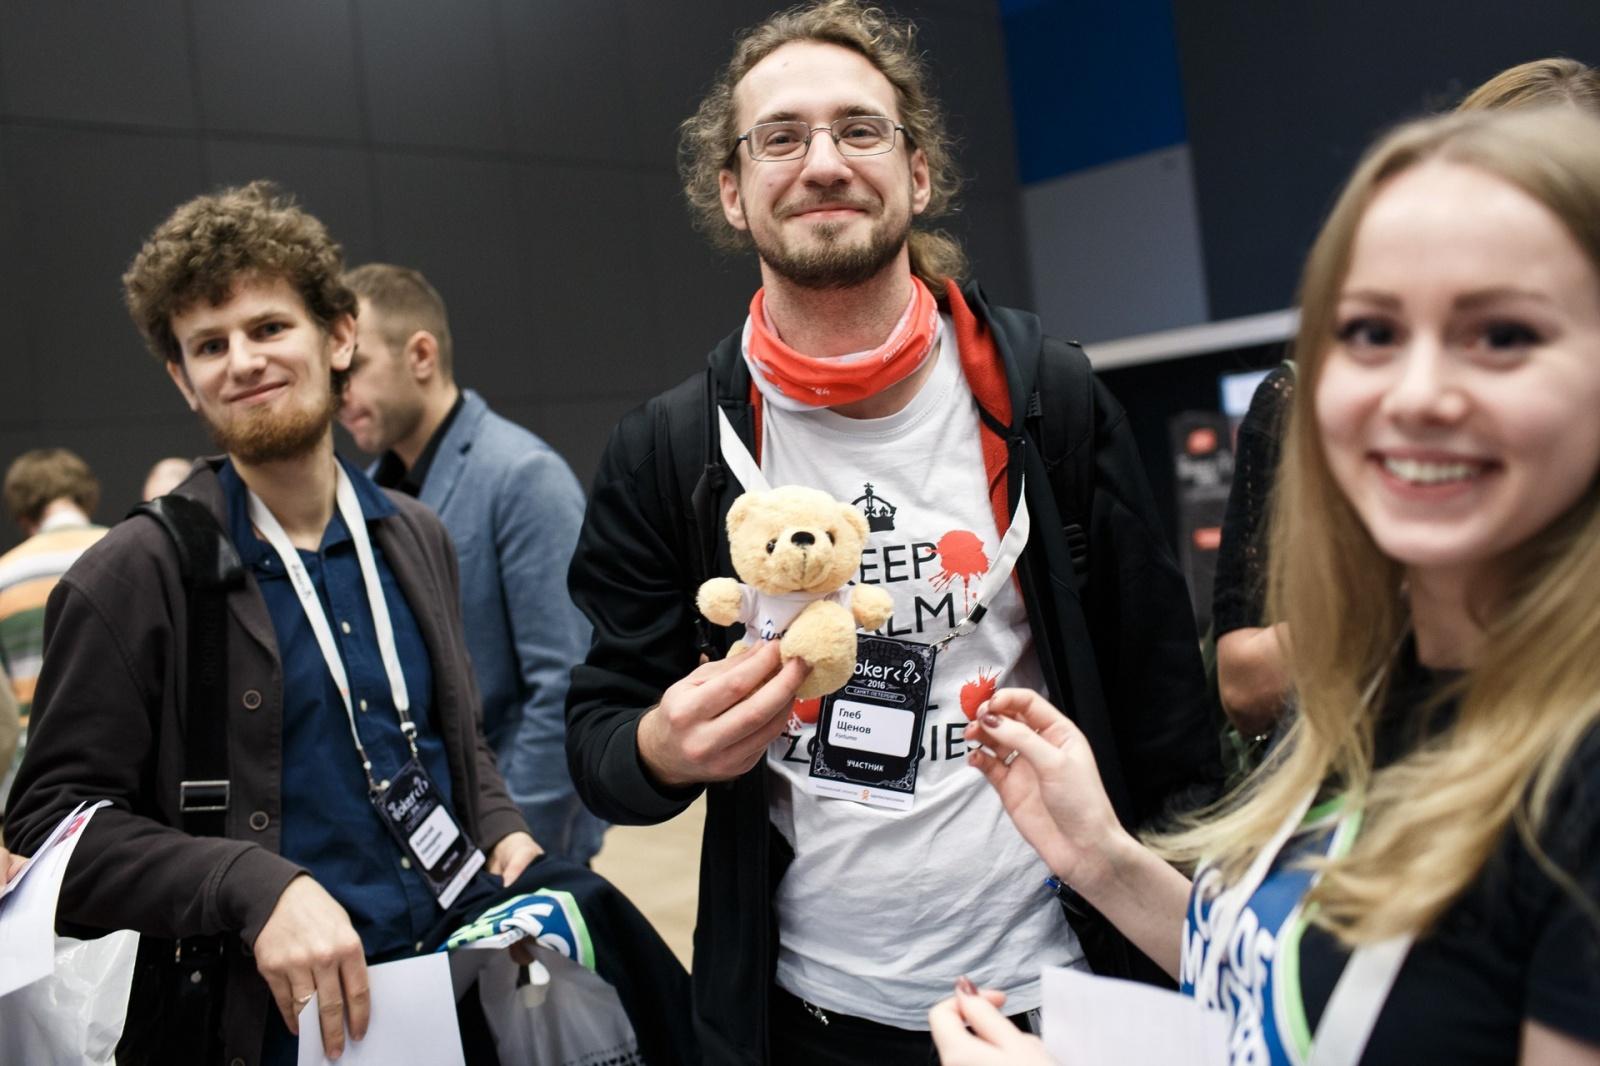 Конференции для разработчиков как путь в Senior? И что, работает? - 1